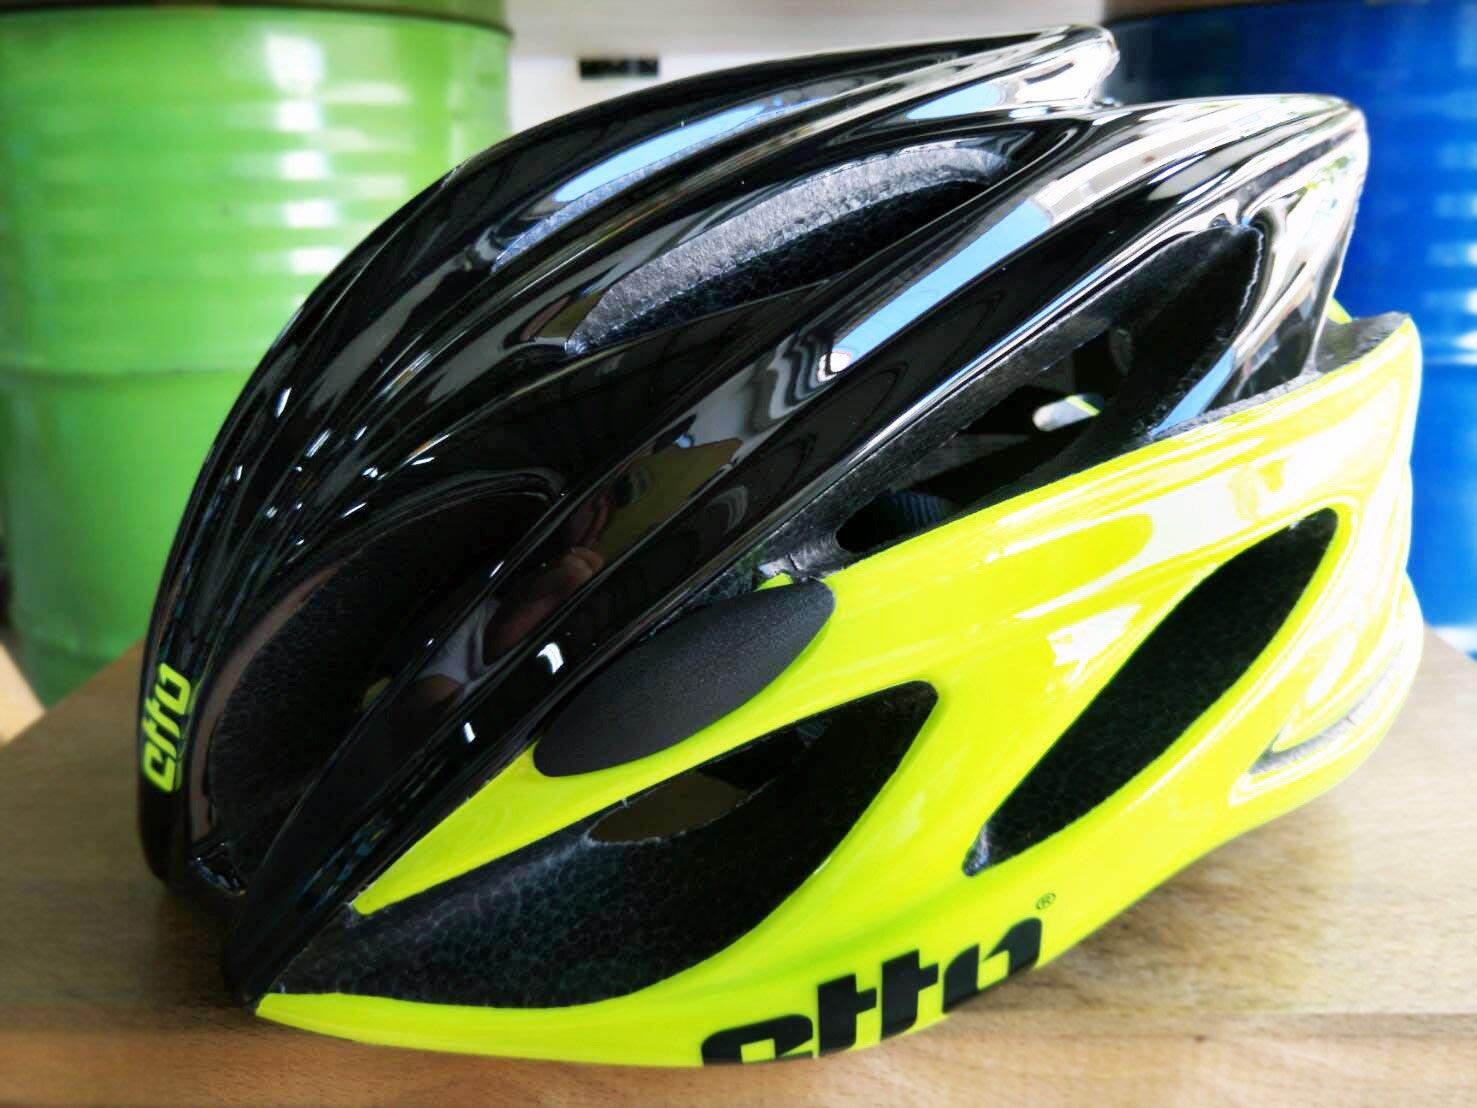 ~騎車趣~挪威 ETTO X6 自行車磁扣安全帽 黑螢光黃色 車帽 頭盔 贈舒士安全帽清潔噴劑